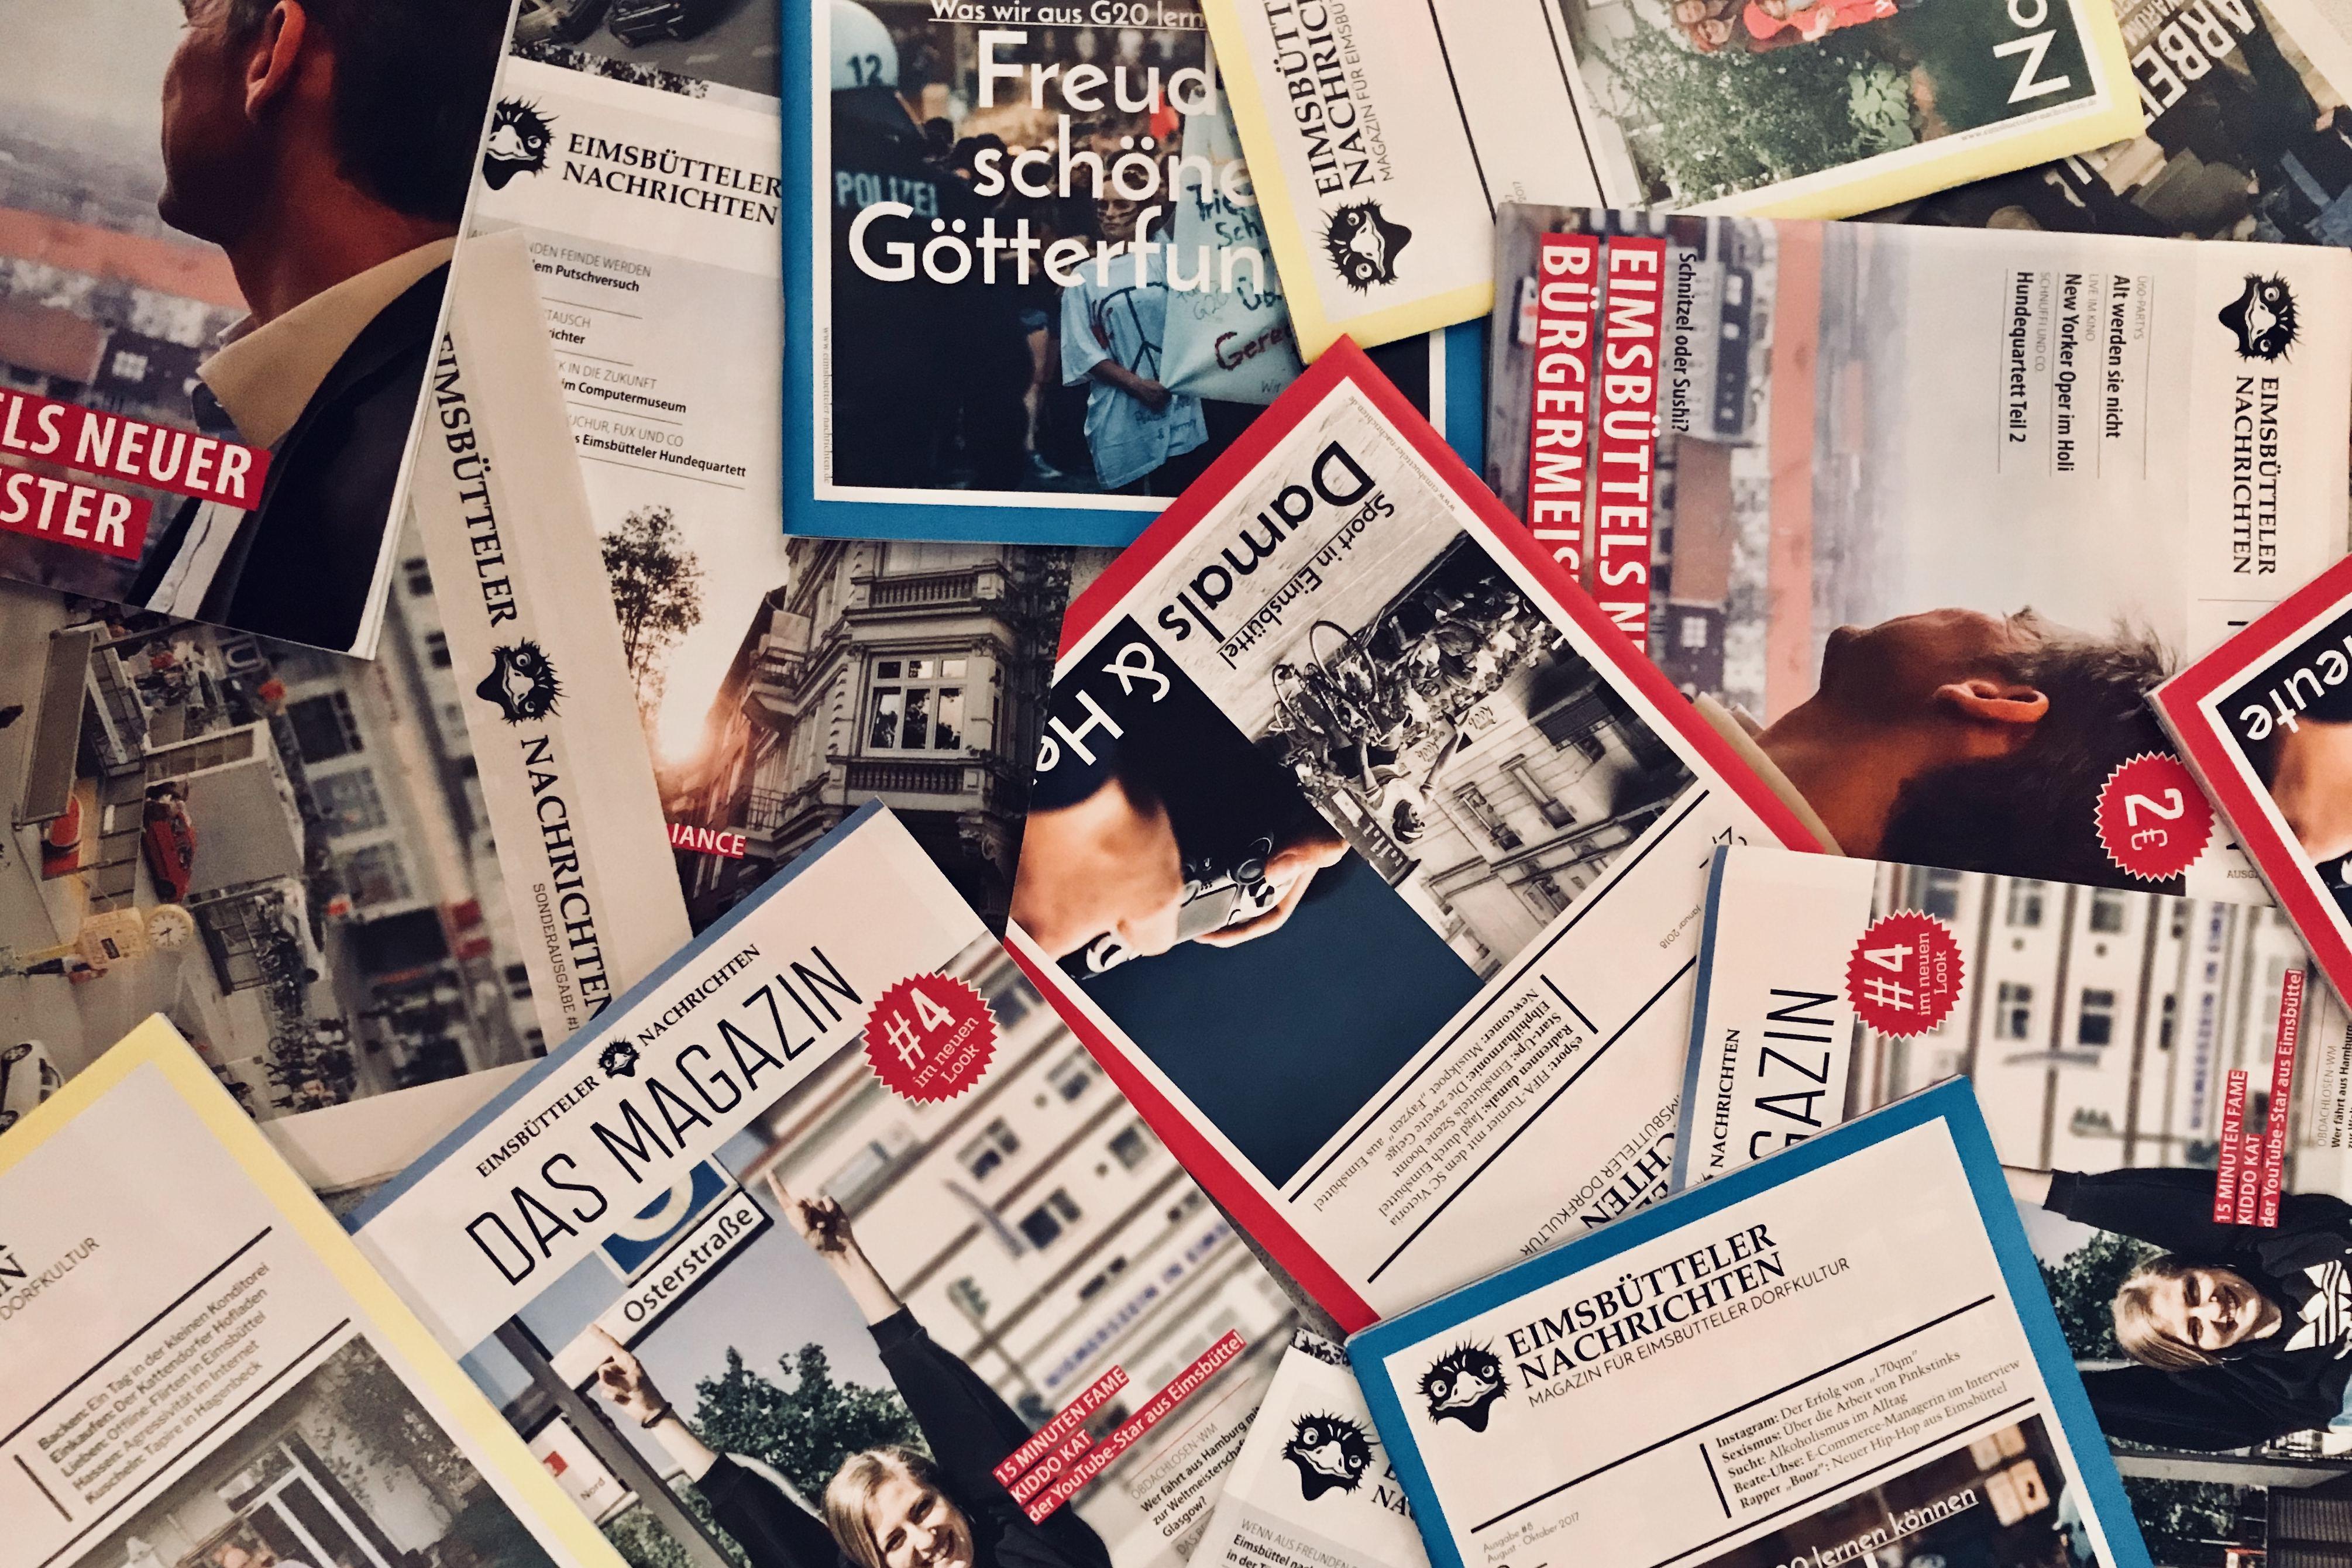 Jubil umsausgabe magazin eimsb tteler nachrichten for Nachrichten magazin